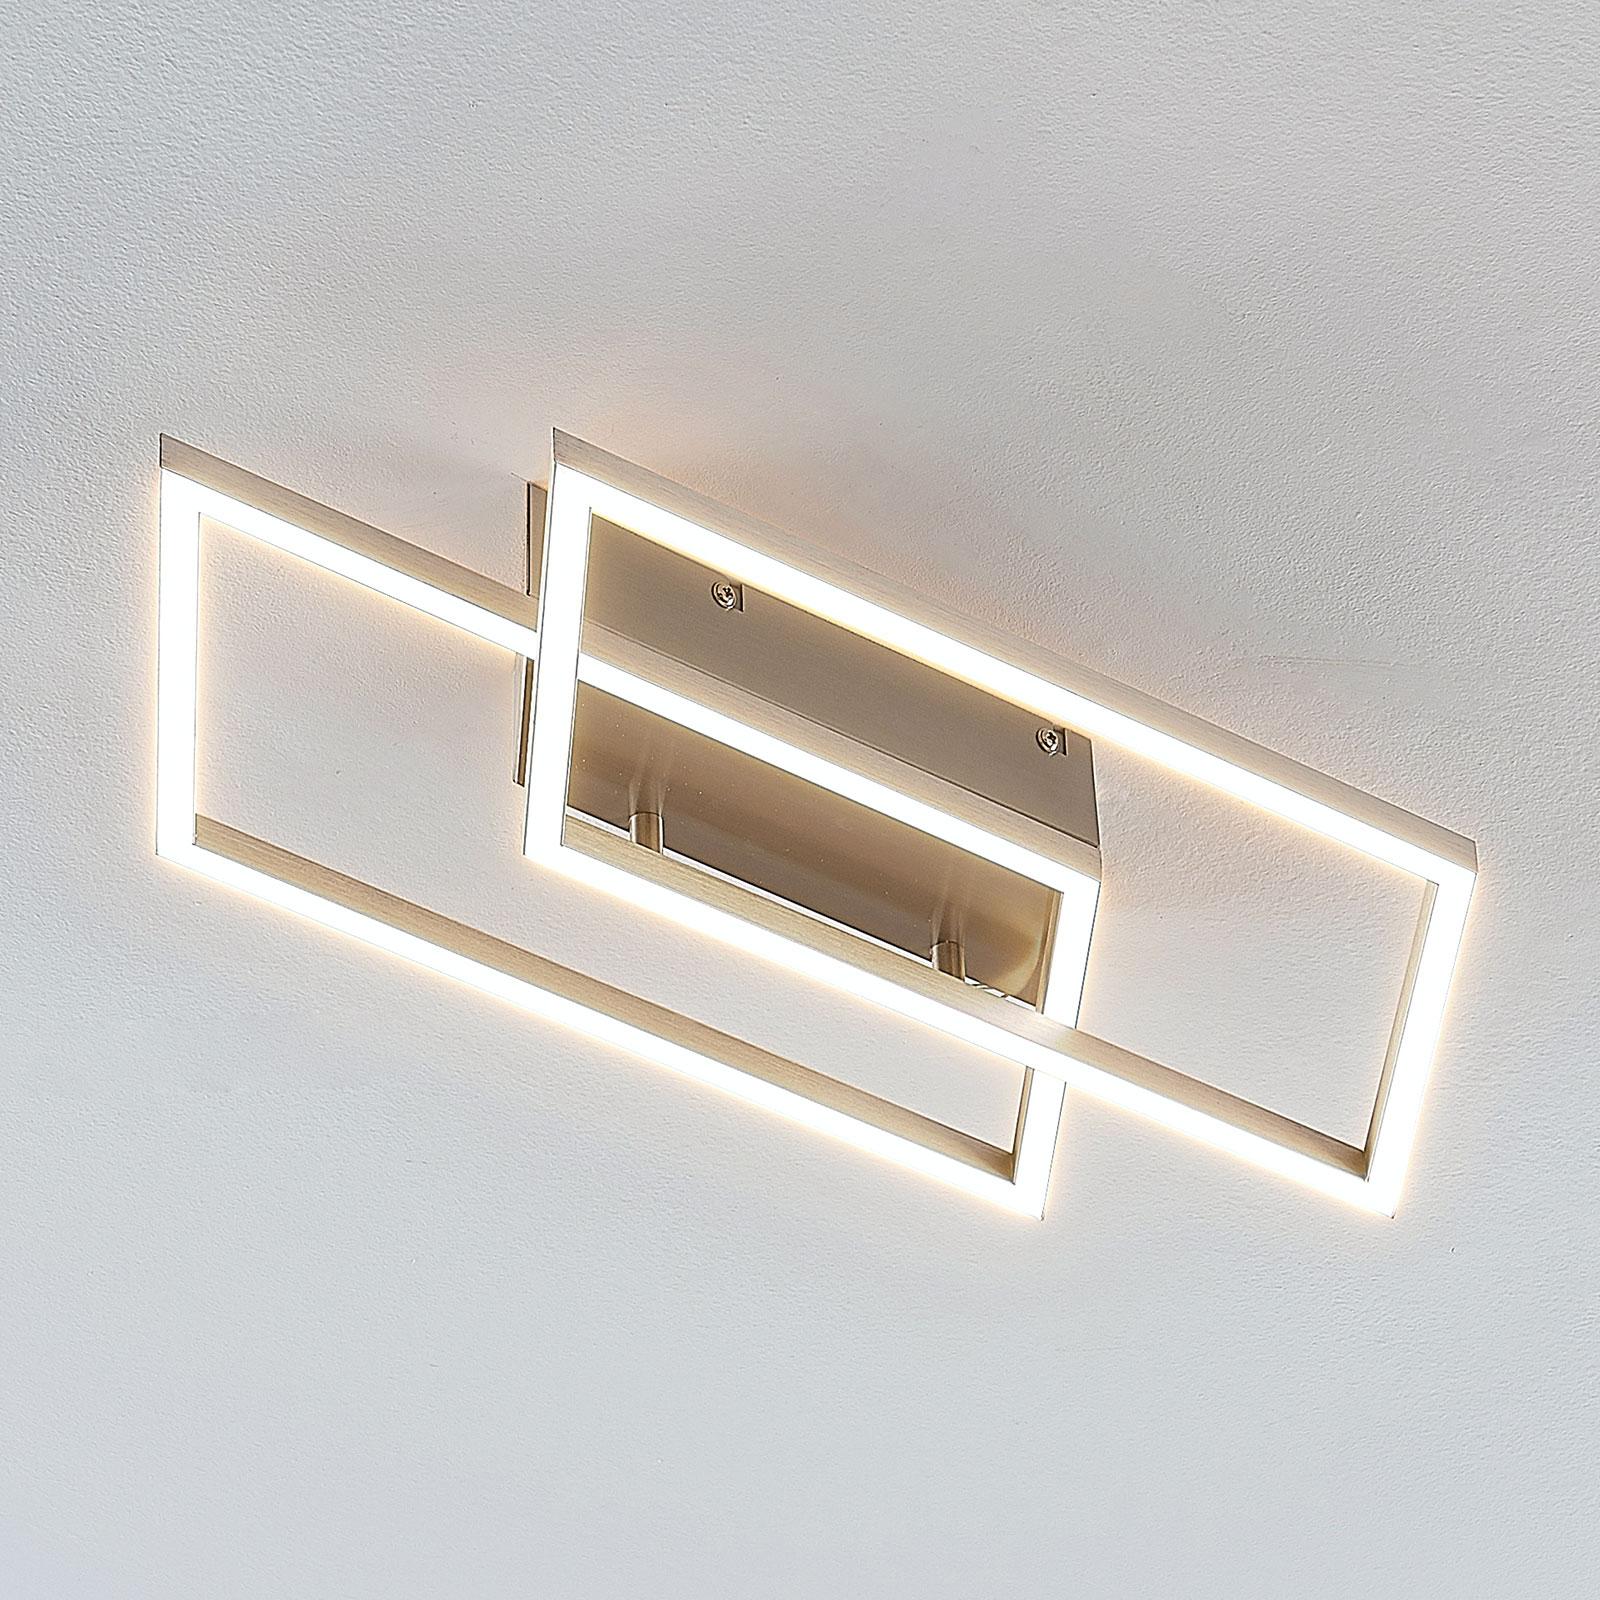 Quadra - LED plafondlamp, dimbaar met schakelaar